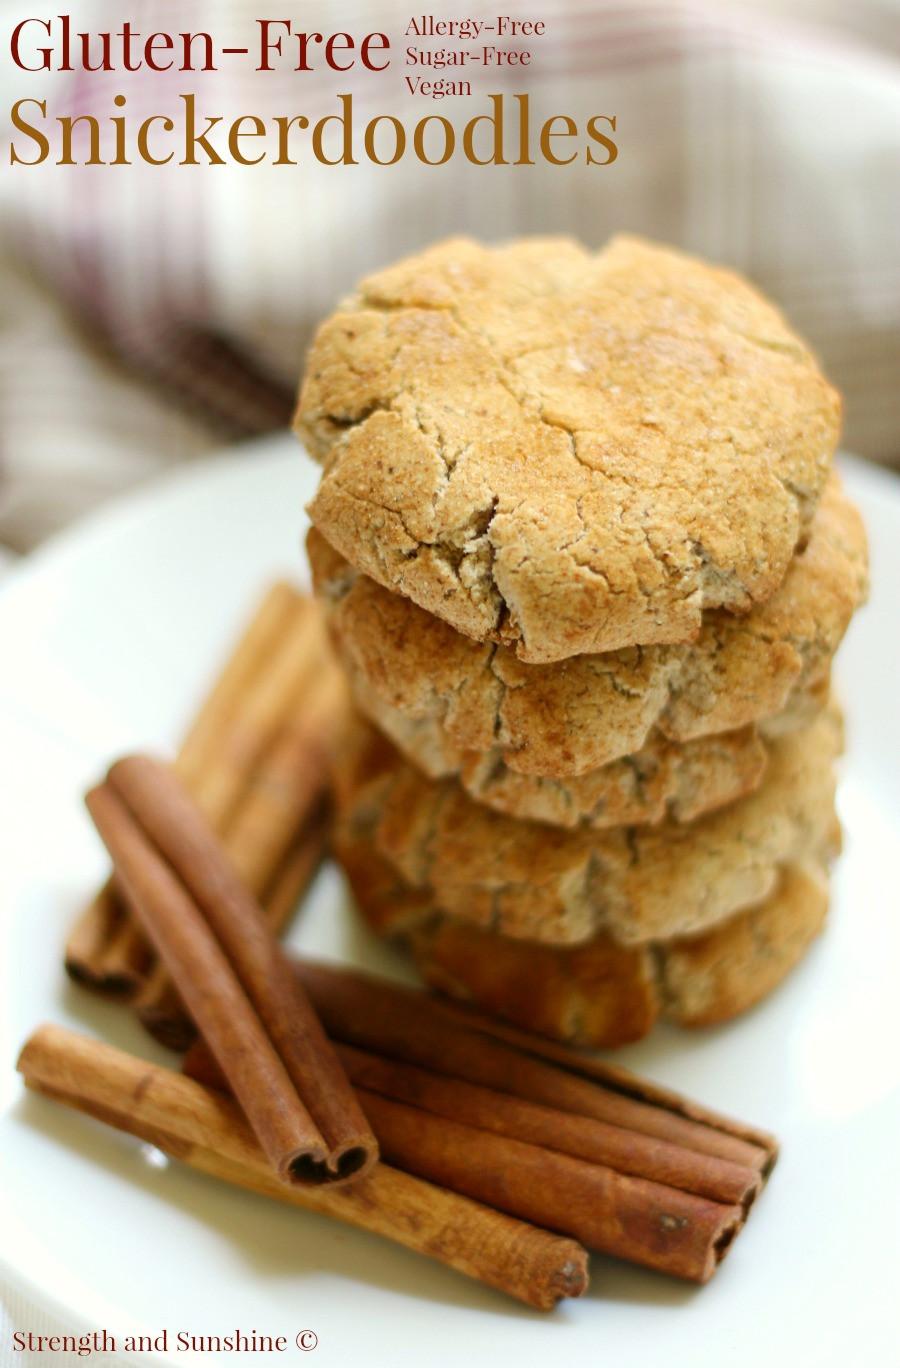 Gluten Free Snickerdoodles Recipe  Gluten Free Snickerdoodles